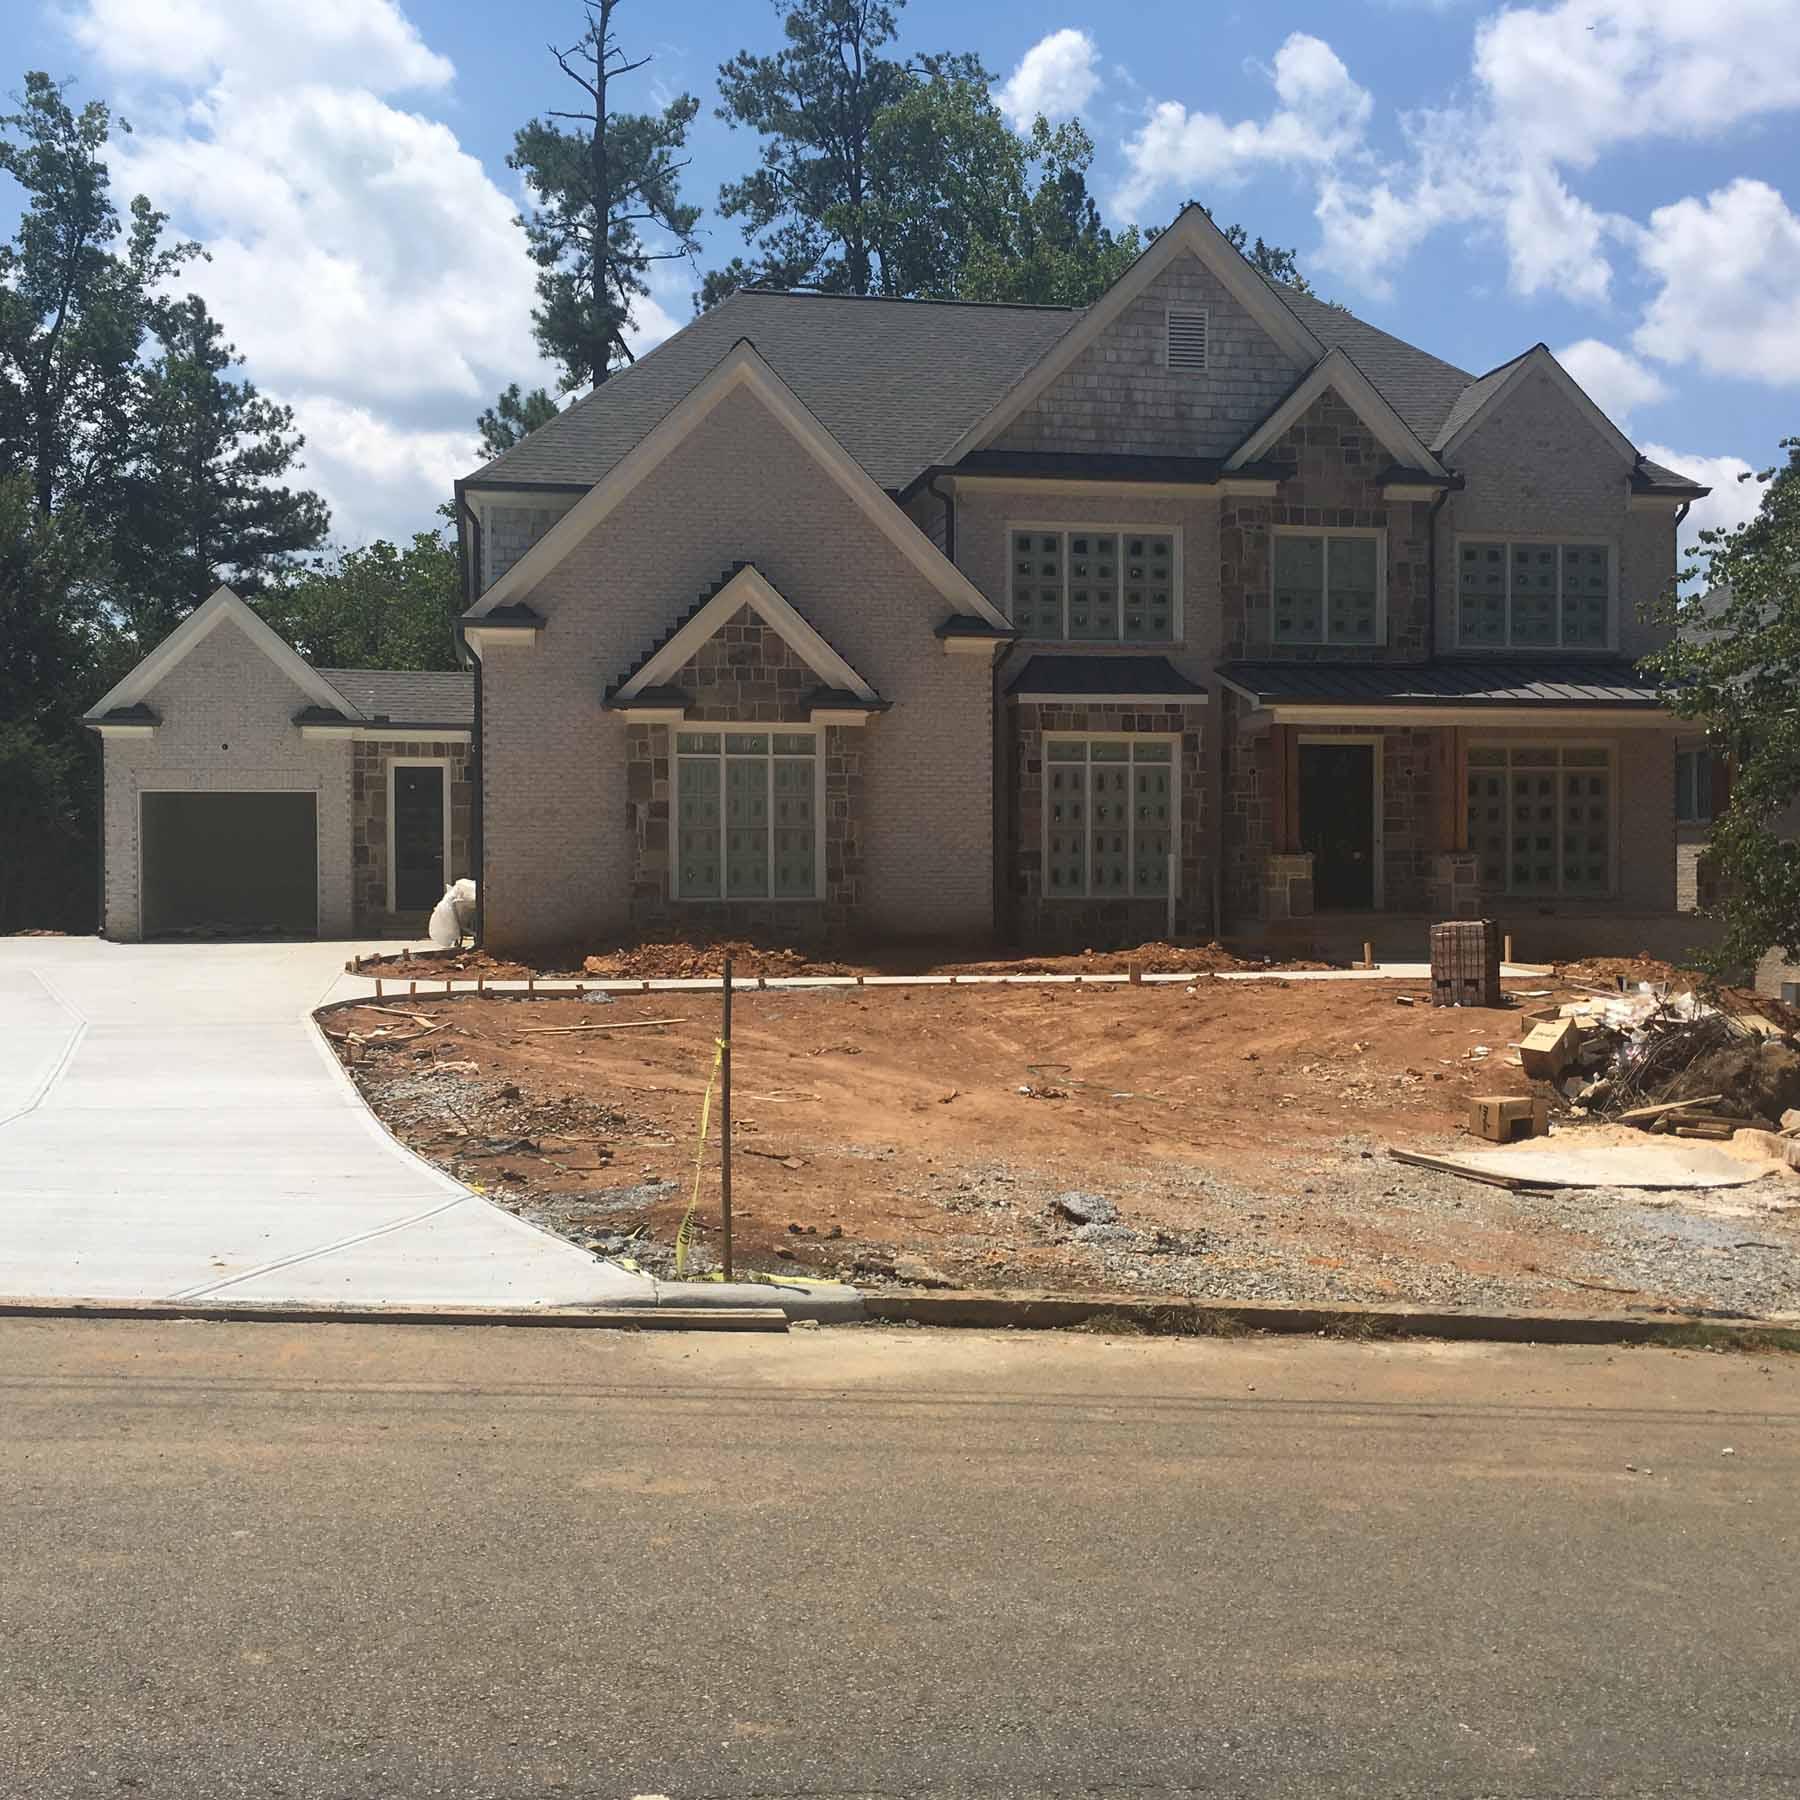 Maison unifamiliale pour l Vente à Custom Home Under Construction 580 High Point Lane Atlanta, Georgia, 30342 États-Unis